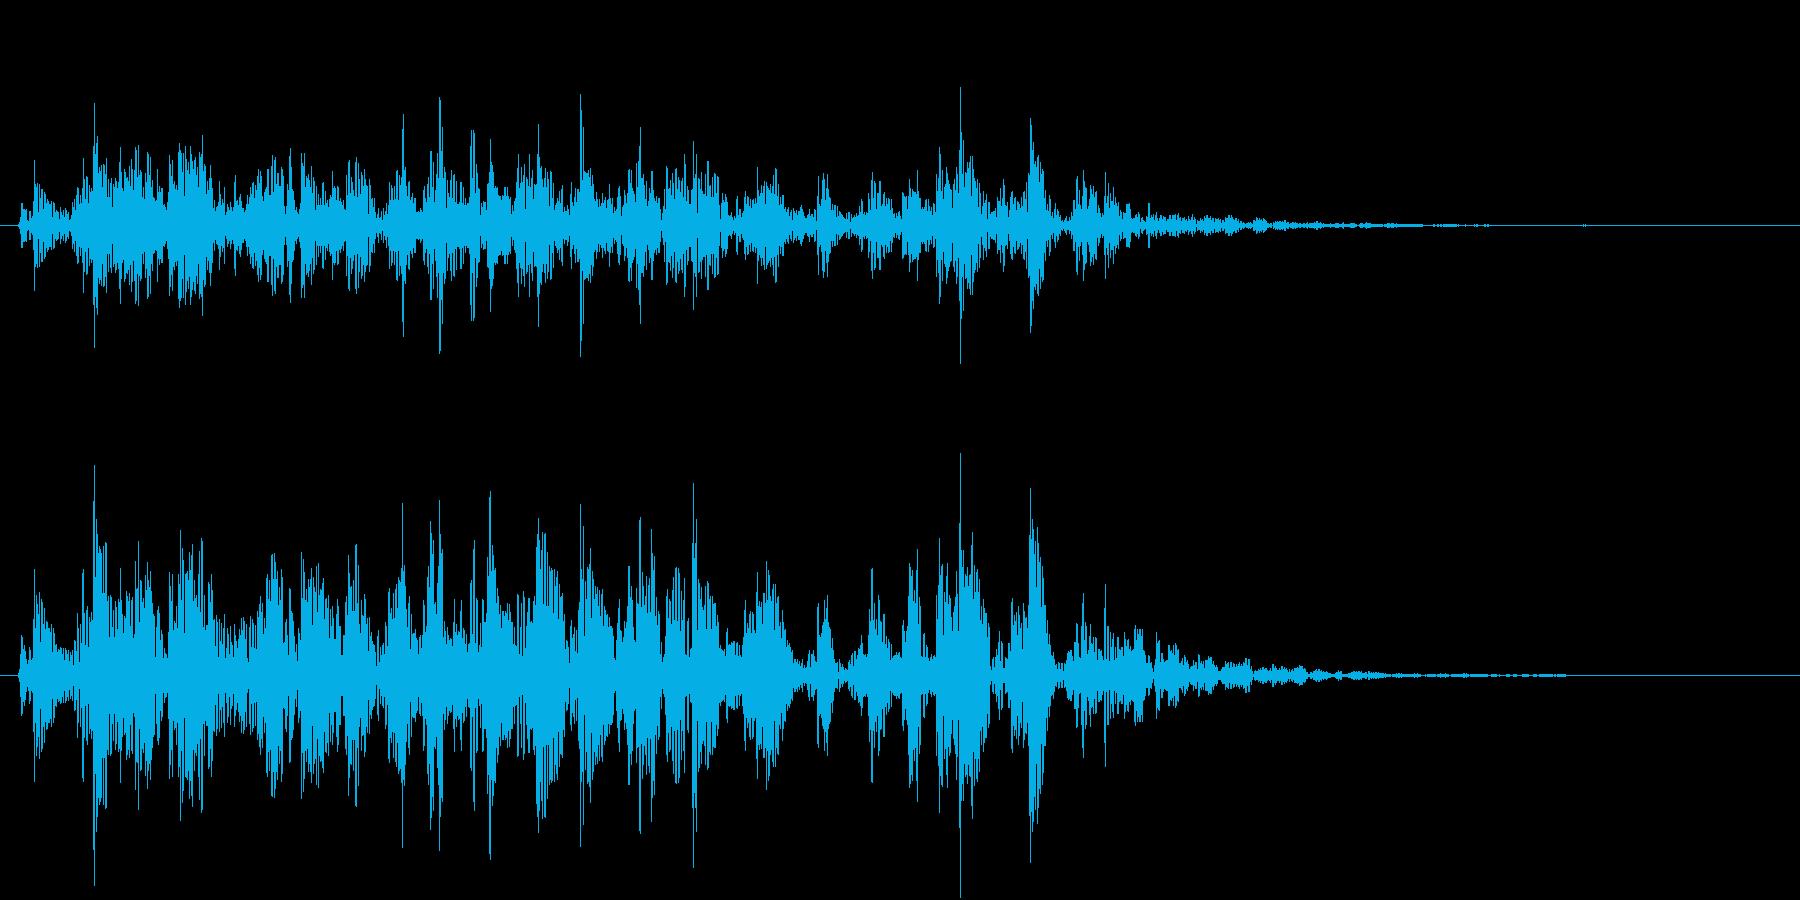 唸り声(グルルル)の再生済みの波形